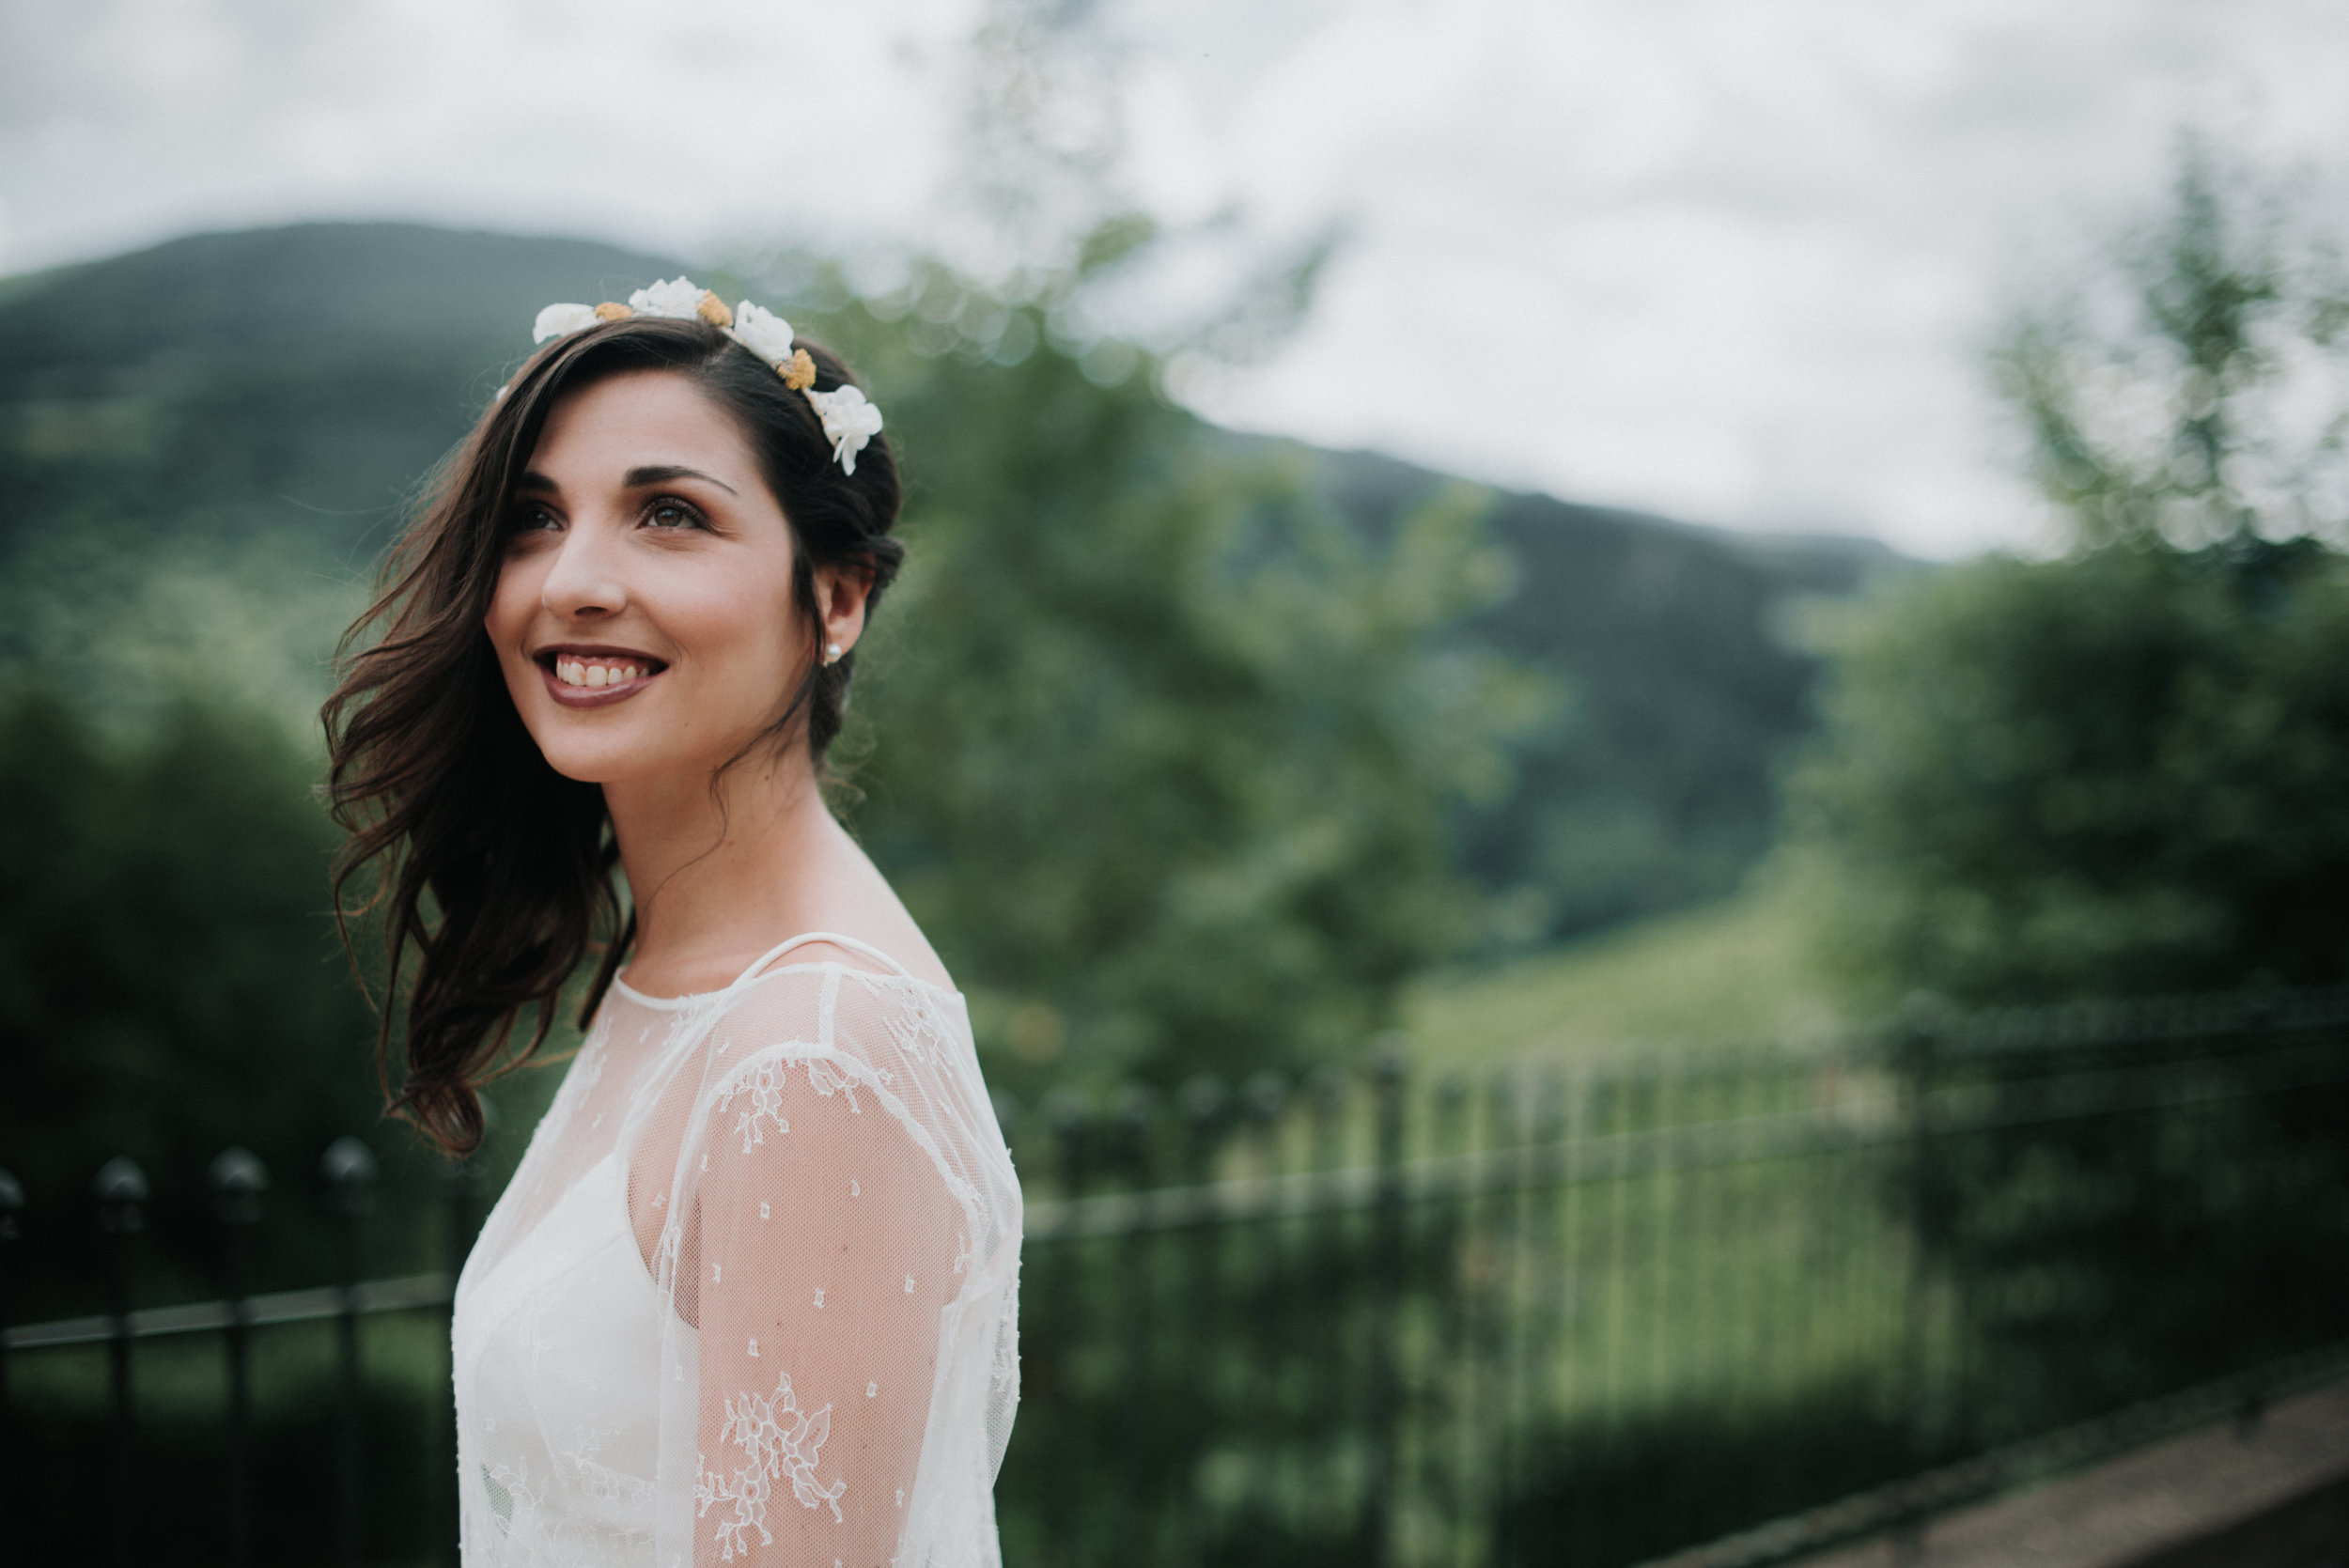 Léa-Fery-photographe-professionnel-lyon-rhone-alpes-portrait-creation-mariage-evenement-evenementiel-famille-8483.jpg